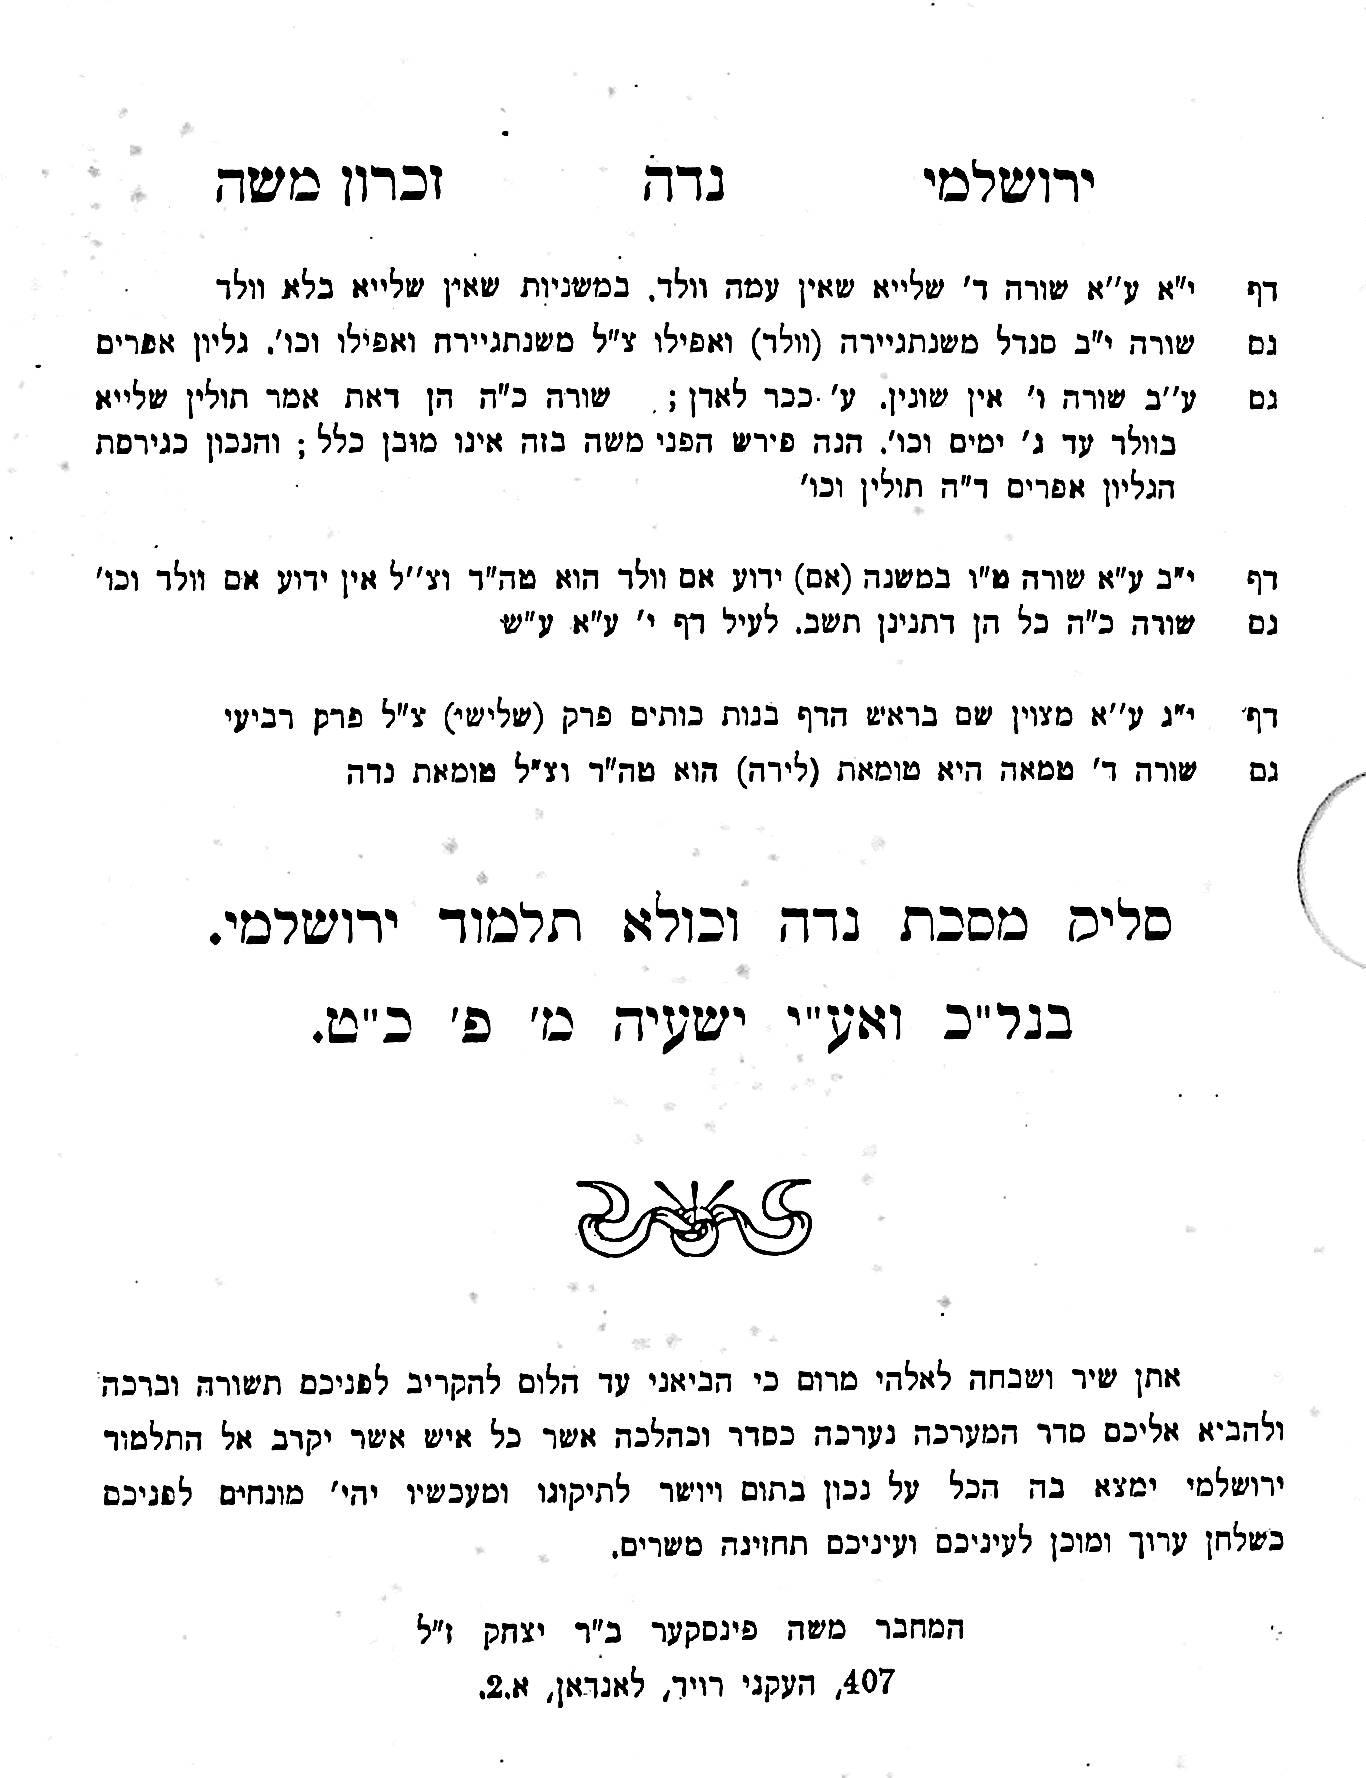 Pimsker12